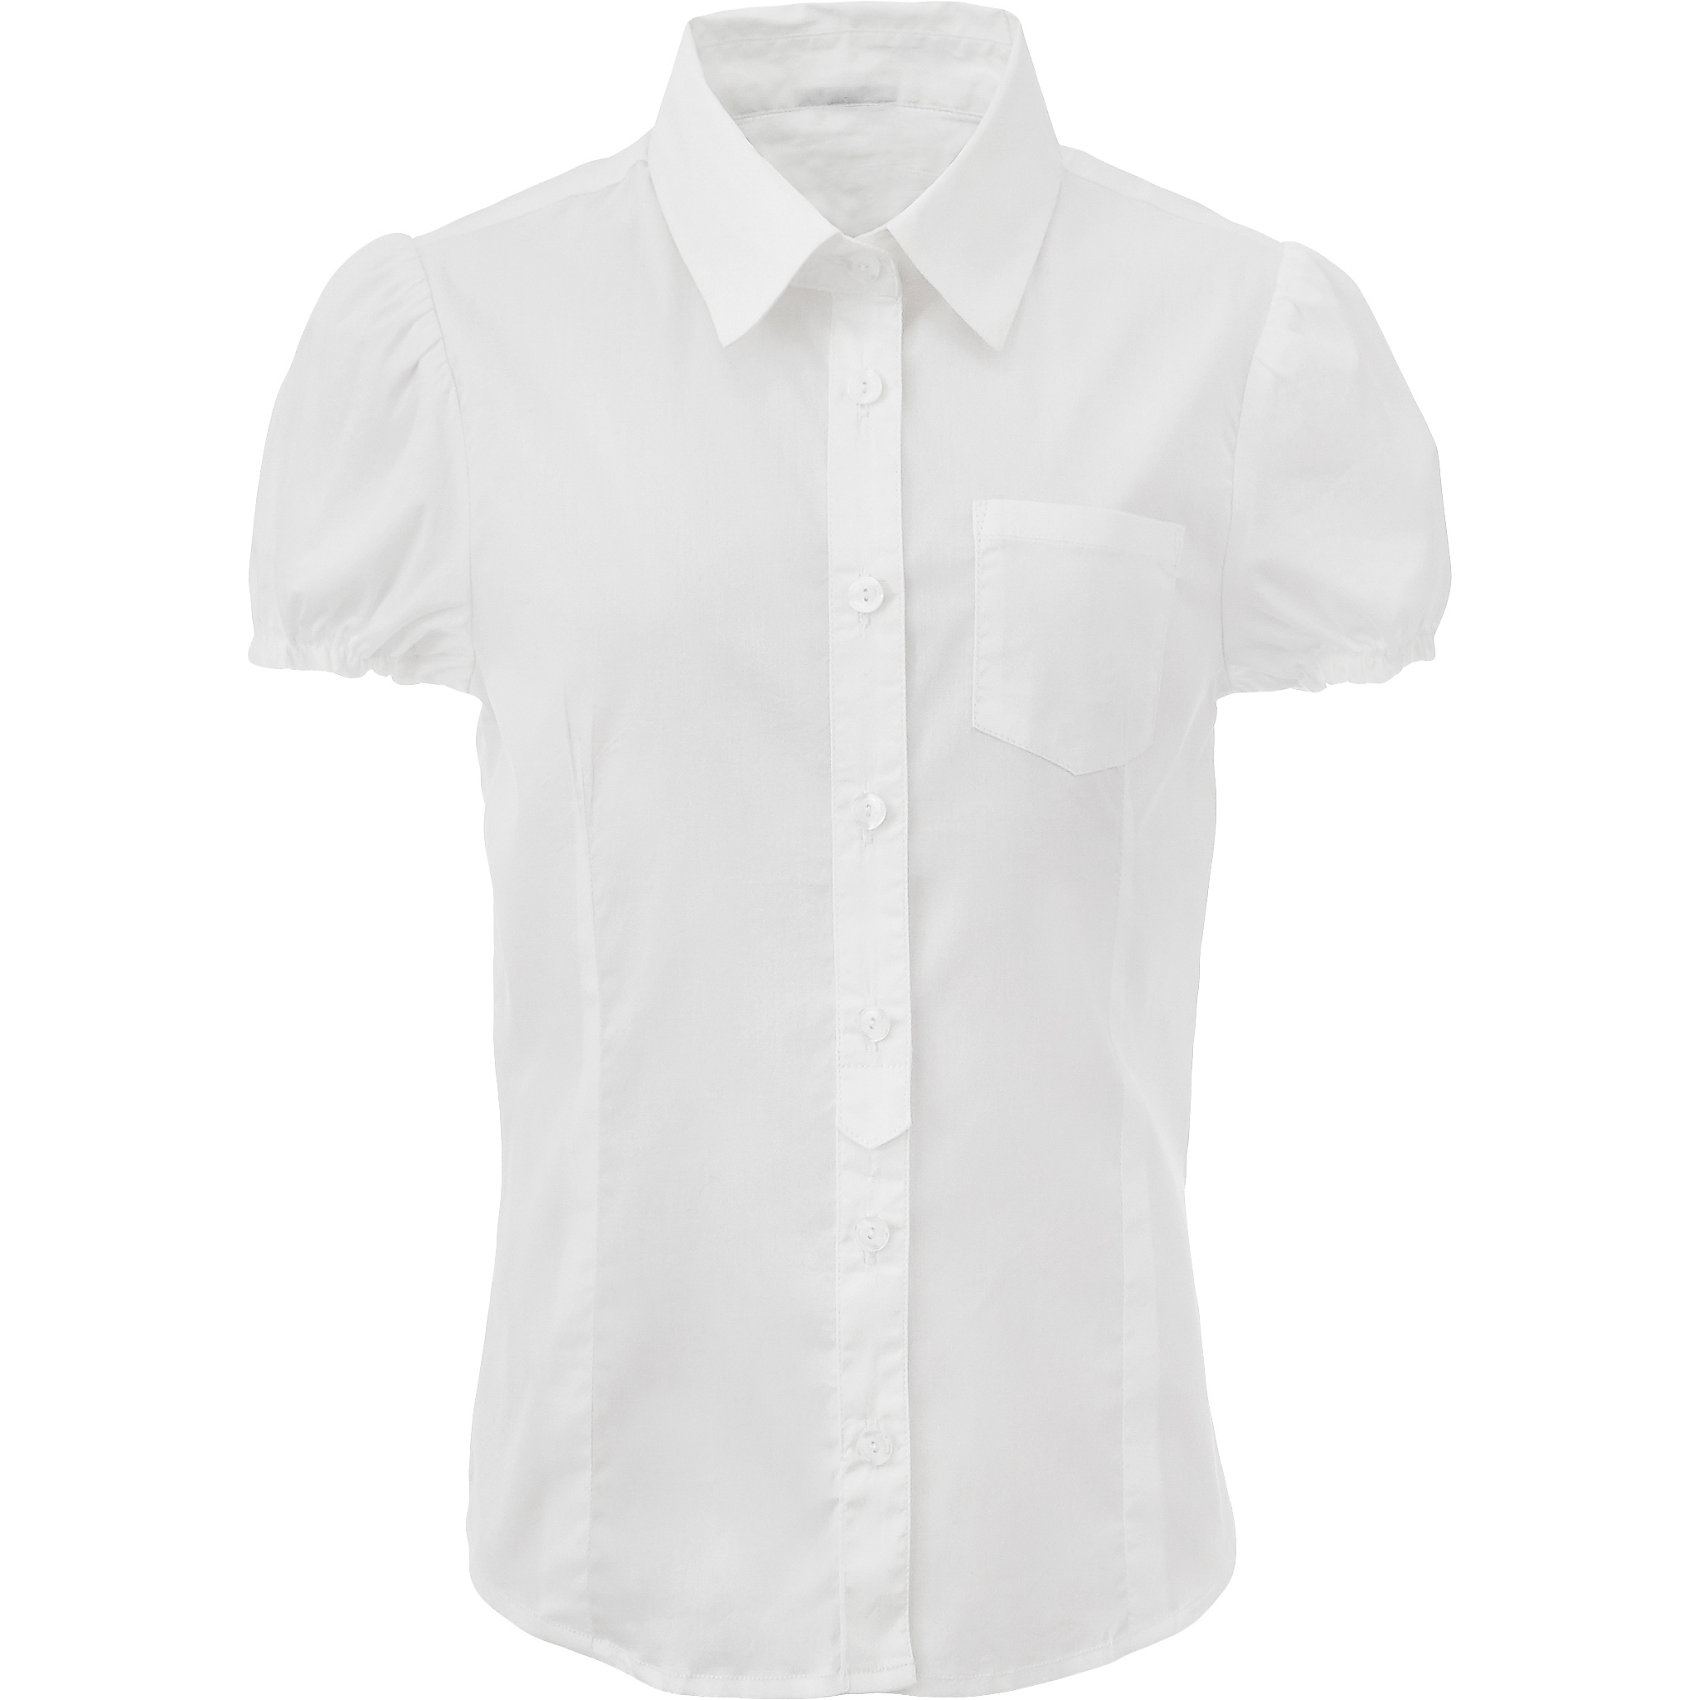 Блузка для девочки GulliverБлузки и рубашки<br>Если вы хотите купить школьную блузку для девочки, не ограничивайте свой выбор блузками с длинным рукавом. Красивые блузки для школы могут быть разными! Блузка с коротким рукавом - прекрасный вариант для жарких классов. С жакетом или кардиганом, белая блузка для девочек будет выглядеть стильно, красиво, достойно. Строгая, лаконичная, белая блузка сделает образ свежим и элегантным.<br>Состав:<br>75% хлопок 23% полиэстер 2% эластан<br><br>Ширина мм: 186<br>Глубина мм: 87<br>Высота мм: 198<br>Вес г: 197<br>Цвет: белый<br>Возраст от месяцев: 168<br>Возраст до месяцев: 180<br>Пол: Женский<br>Возраст: Детский<br>Размер: 170,122,128,134,140,146,152,158,164<br>SKU: 6678768